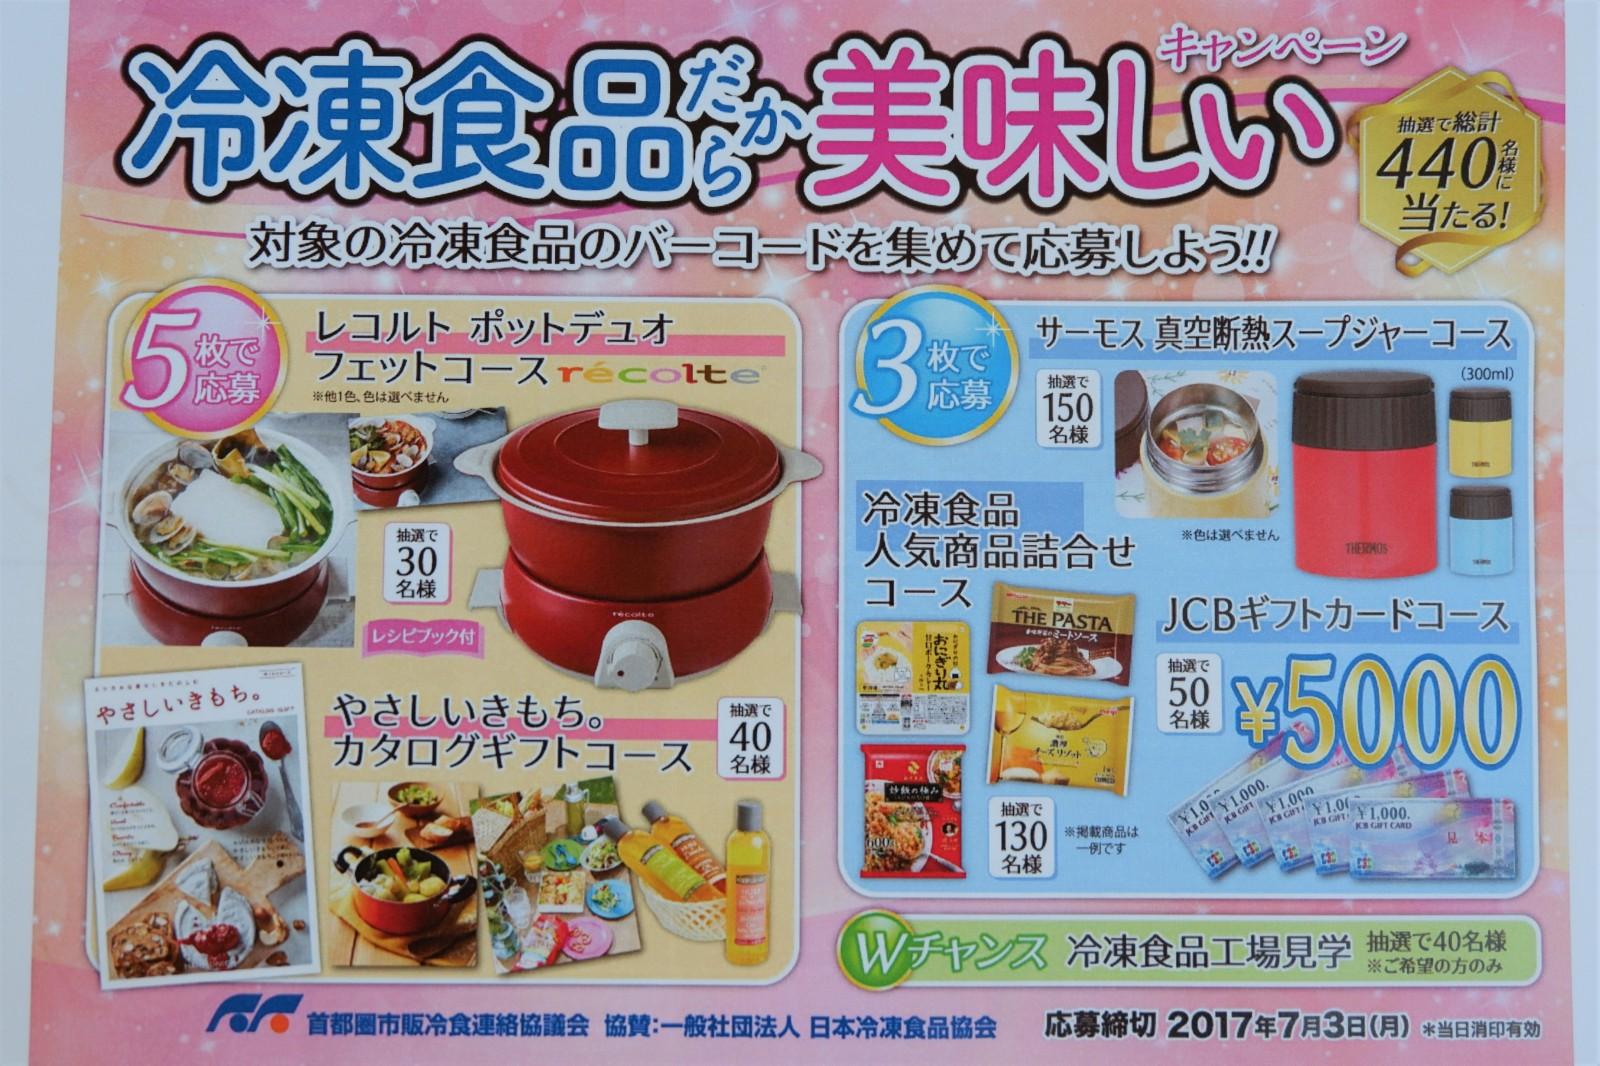 冷凍食品のバーコード、今から集めておいてください(首都圏限定ですが、、、)